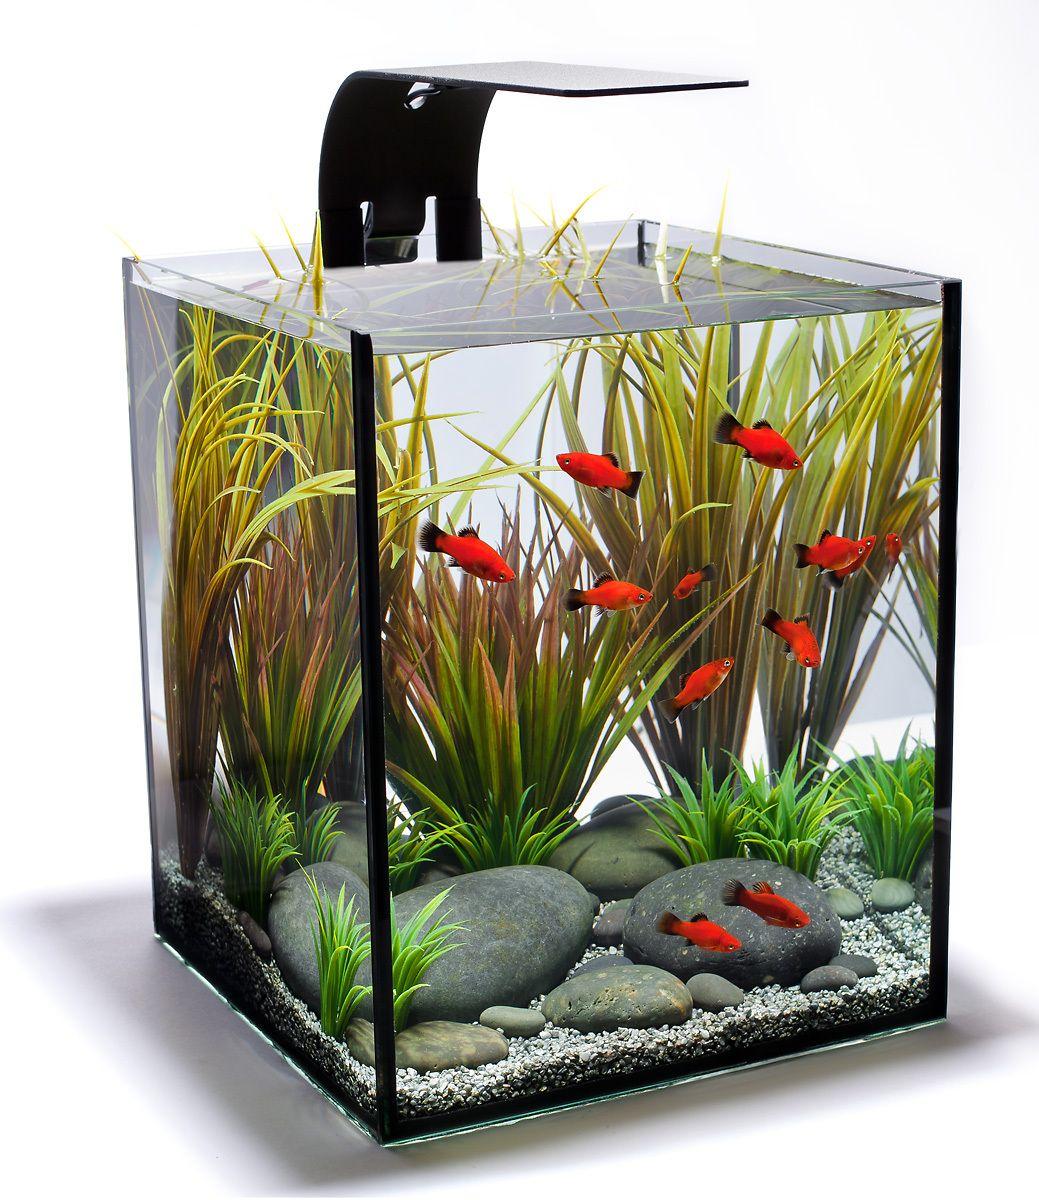 17 best ideas about aquarium design on pinterest aquascaping aquarium ideas and aquarium freshwater aquarium